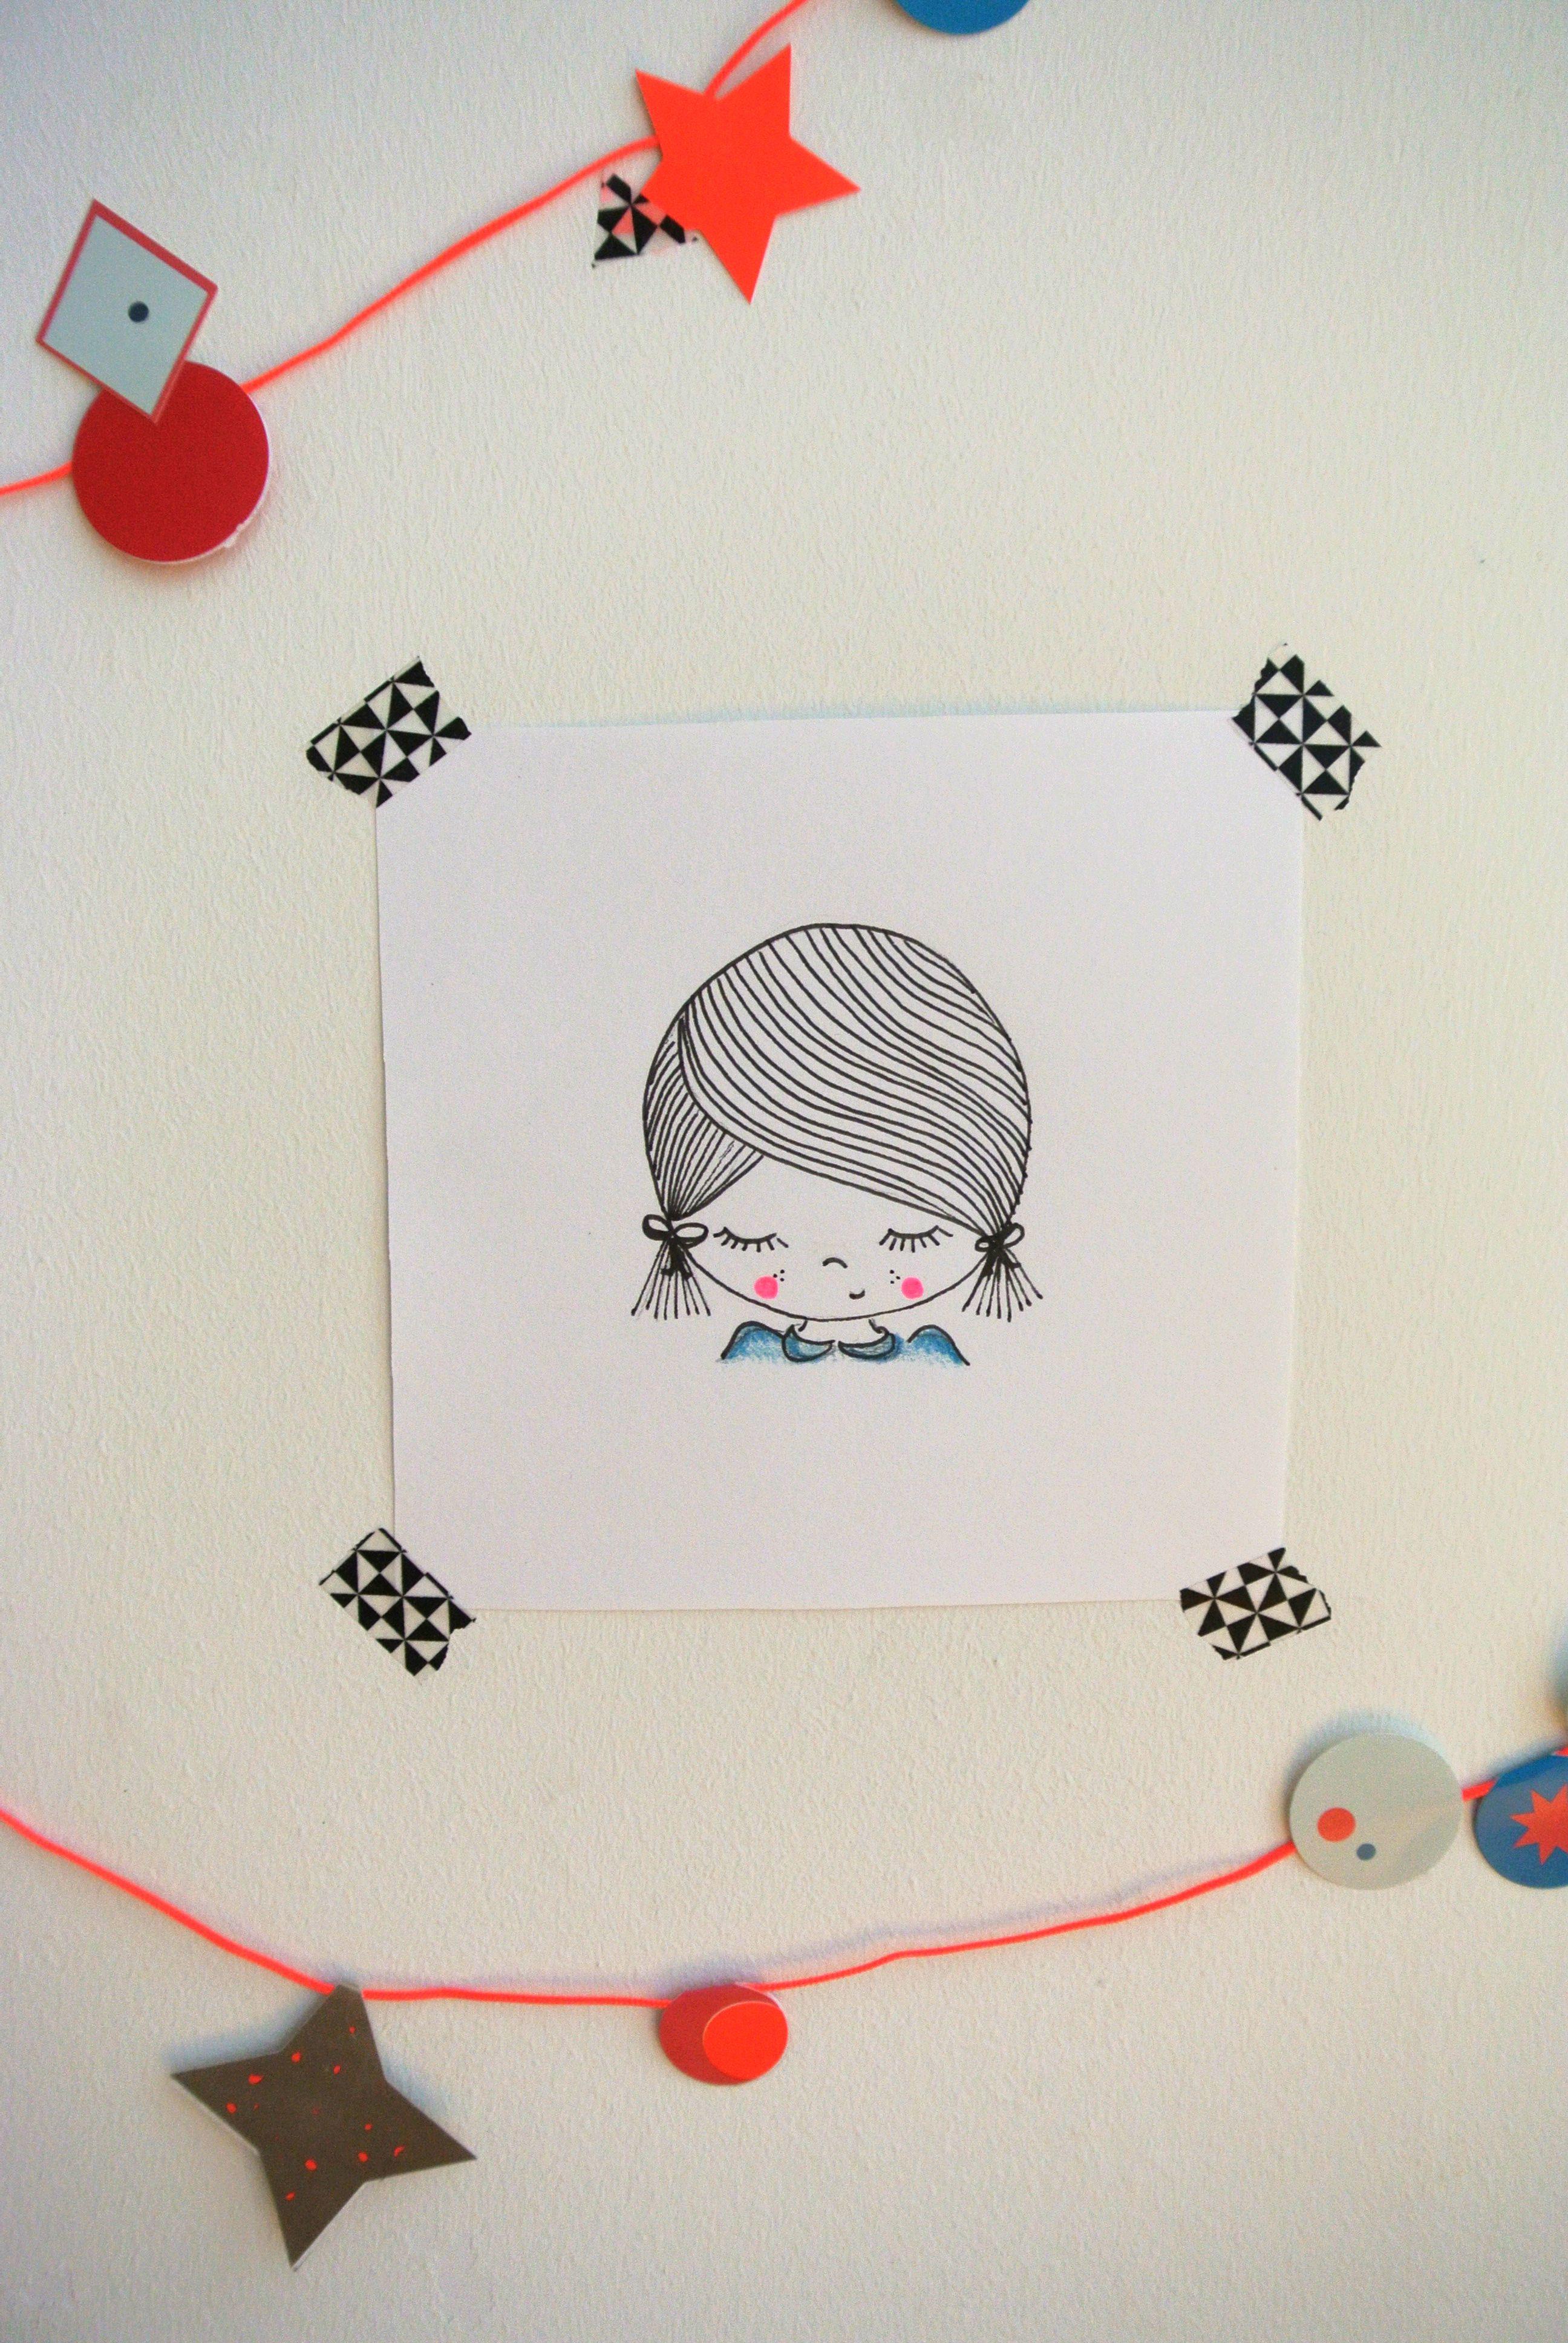 Kids Room | Illustration | Poster | Kinderkamer Www.kinderkamervintage.nl